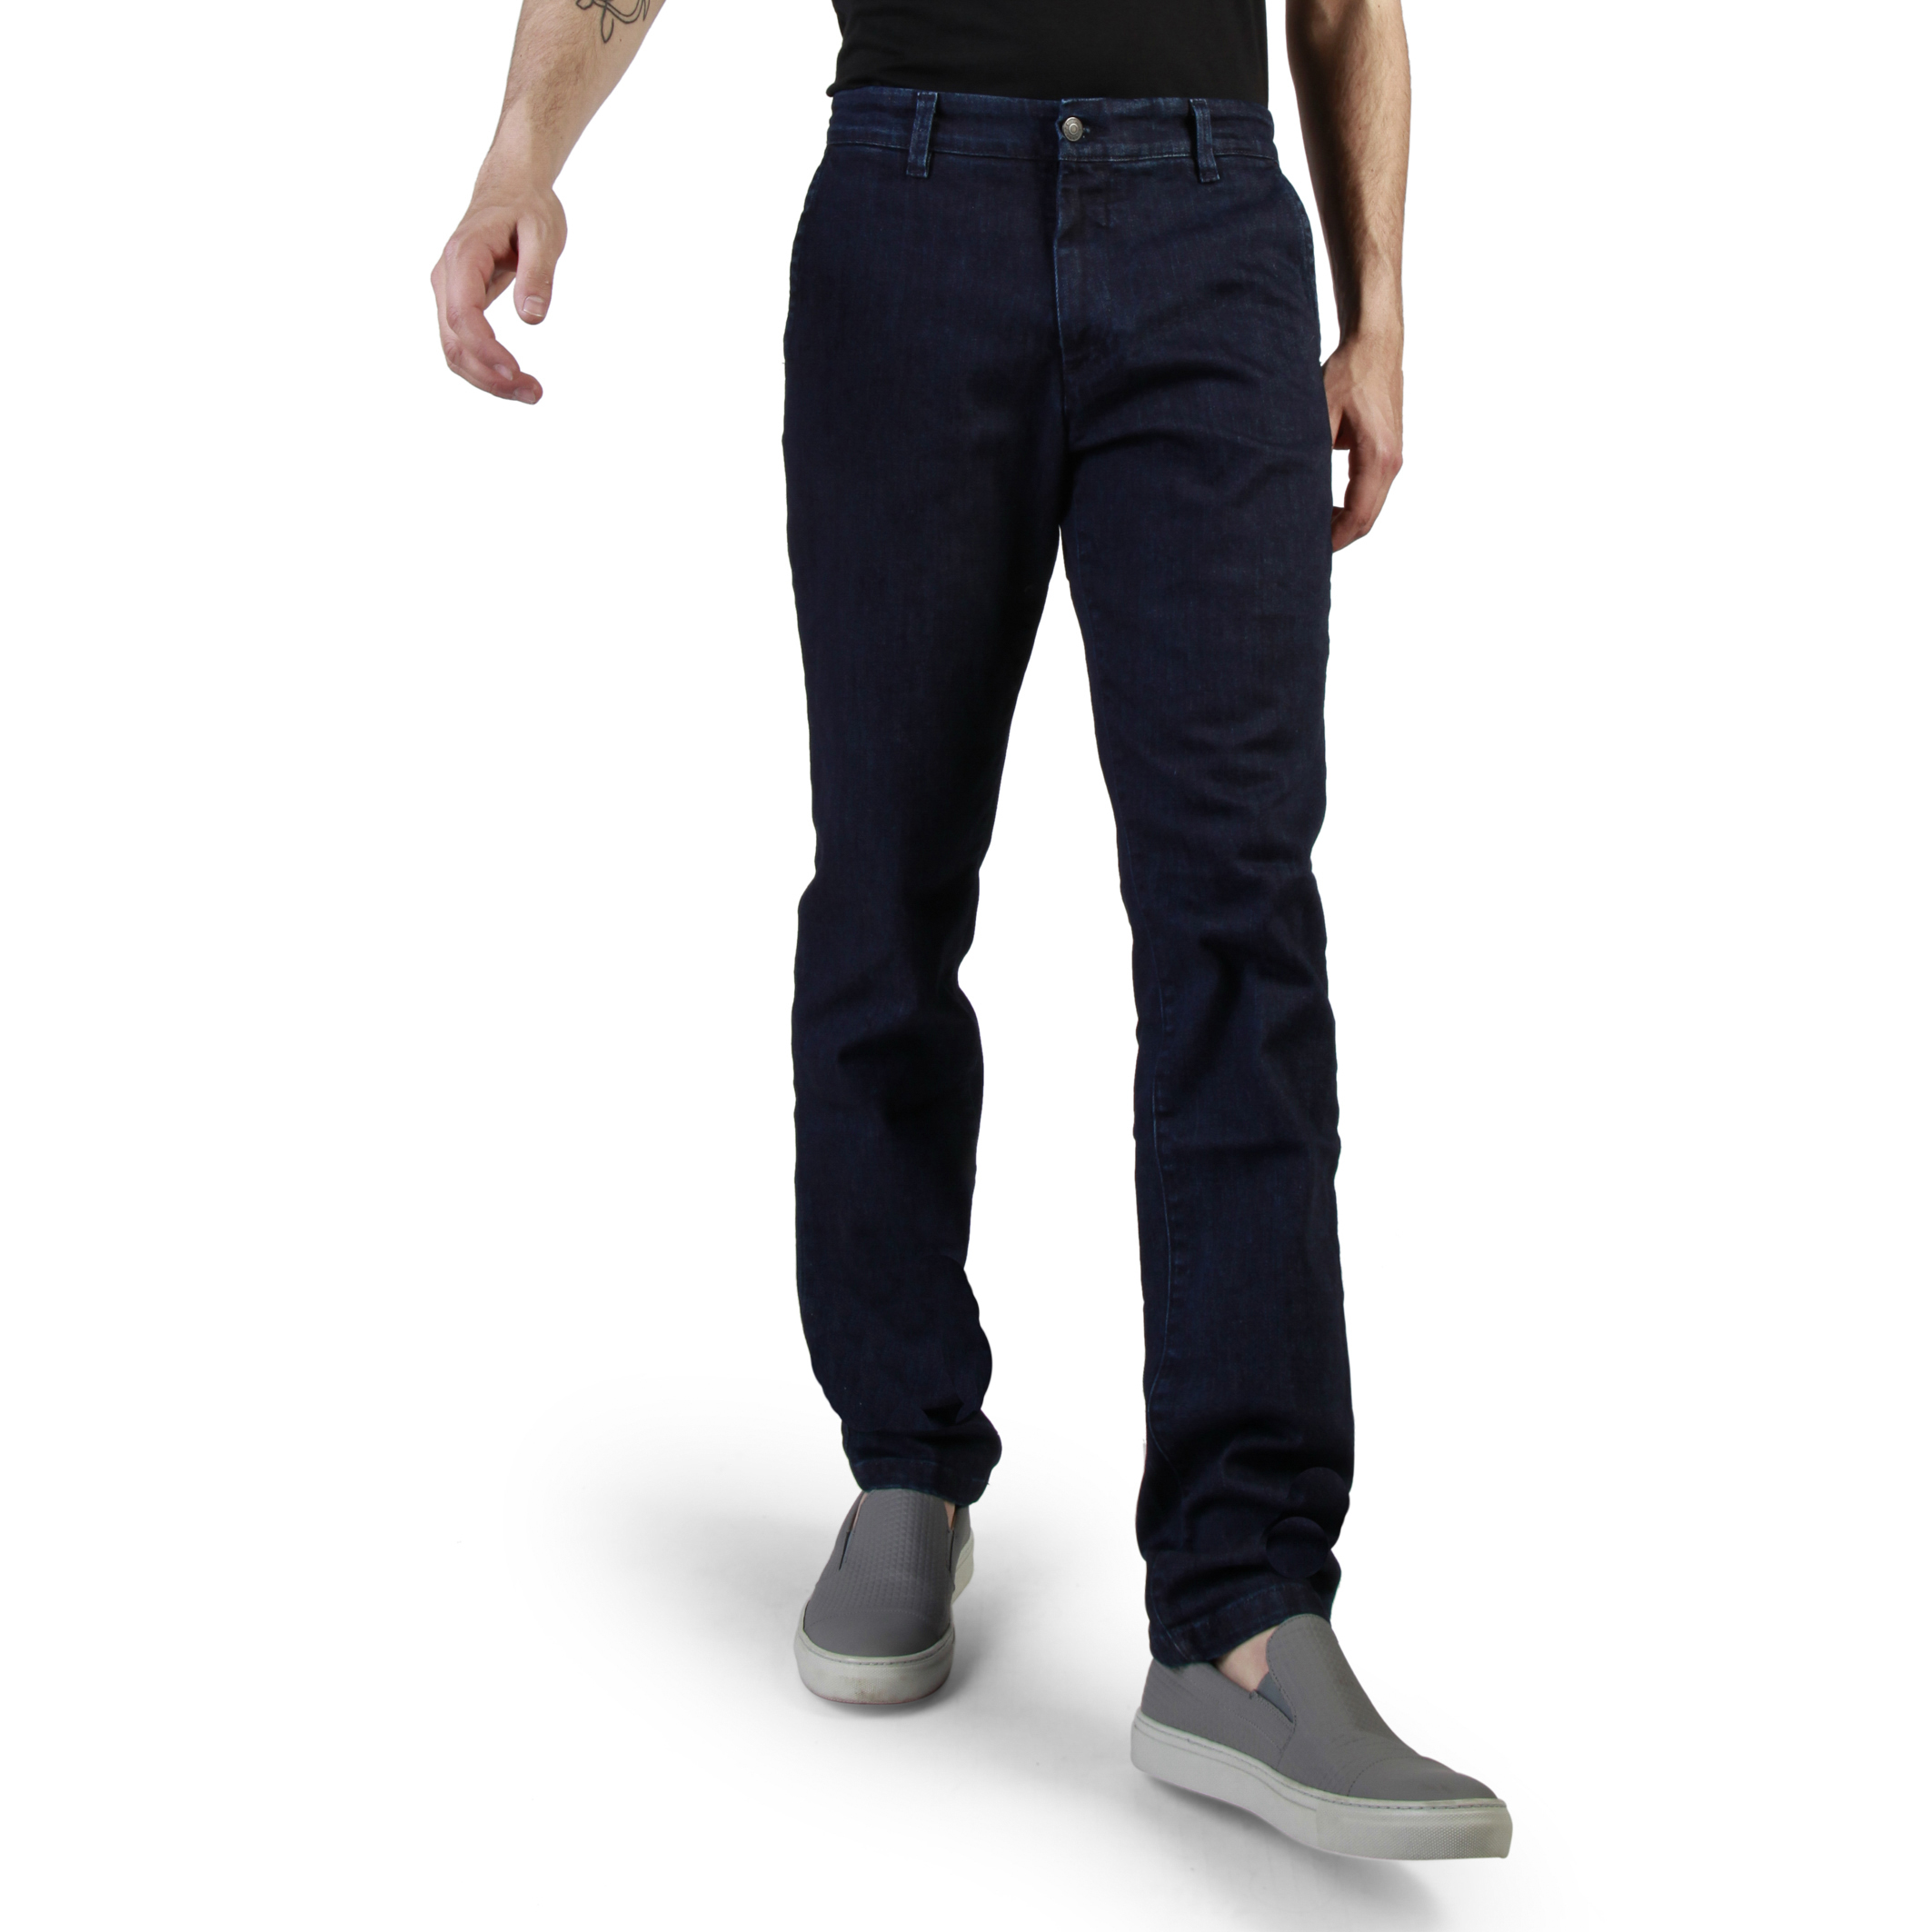 Jeans Carrera Jeans 000624_0970A Uomo Blu 91003